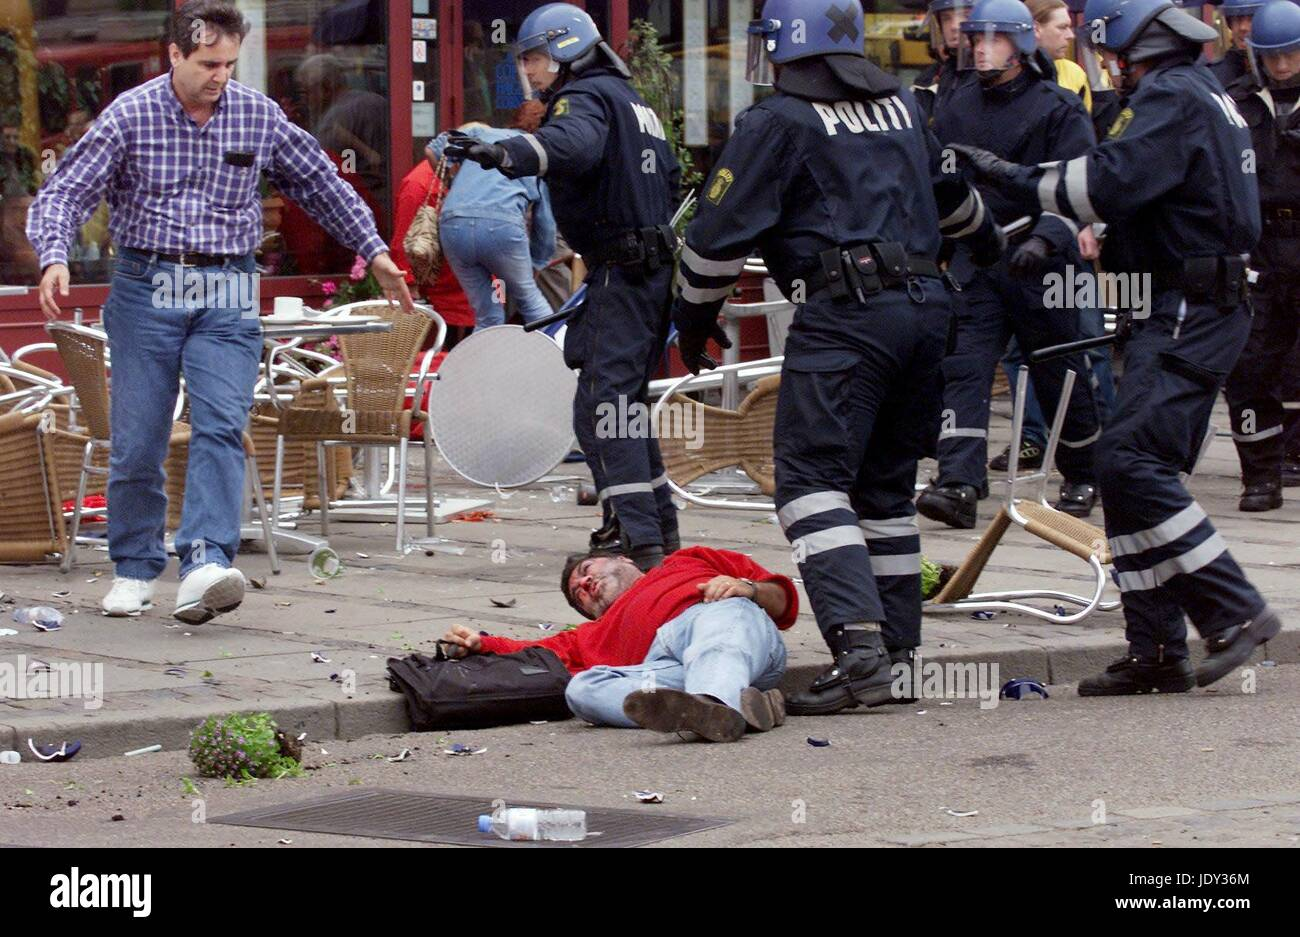 2000 UEFA Cup Final riots